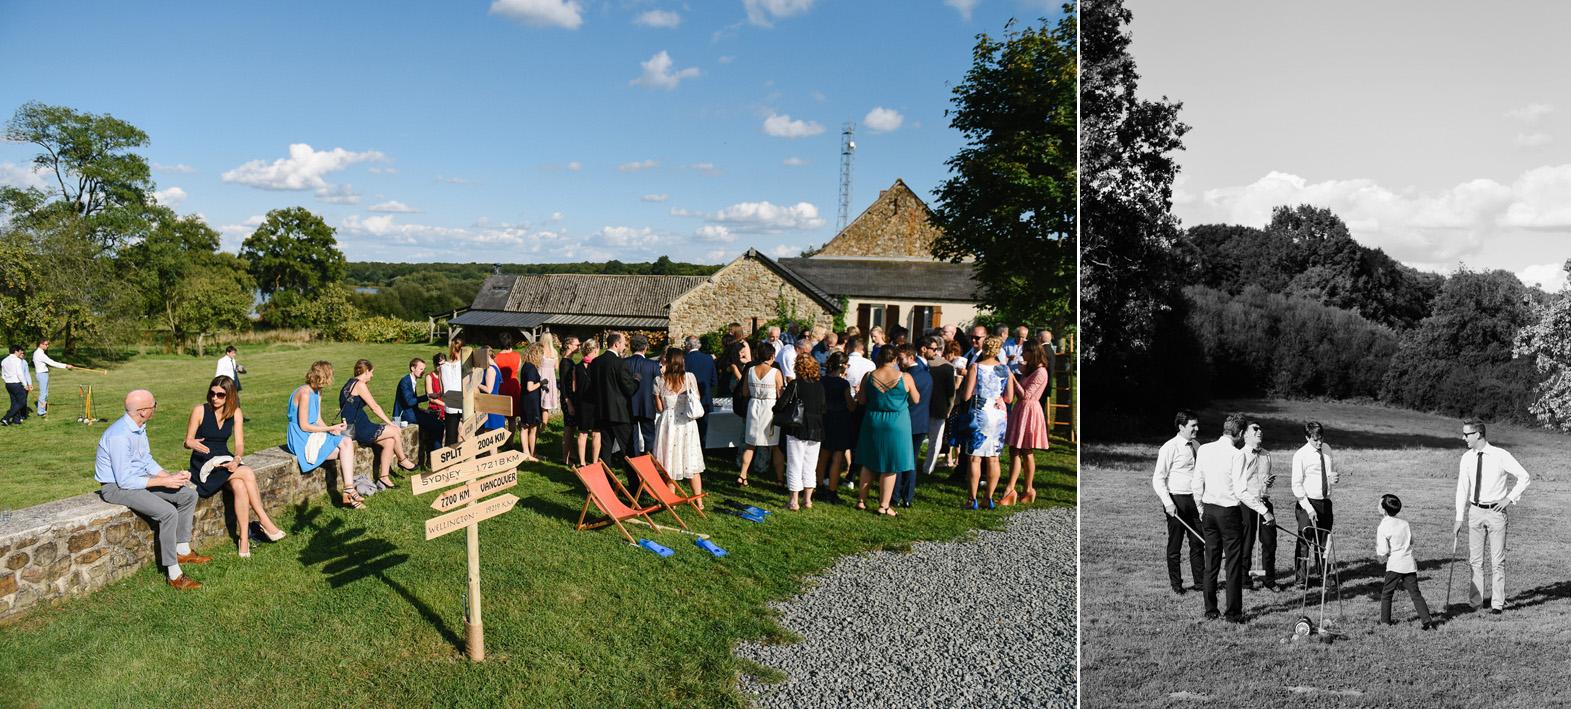 mariage_MT_les Faucheries_72_Sarthe_photographie_clemence_dubois_MEP 25